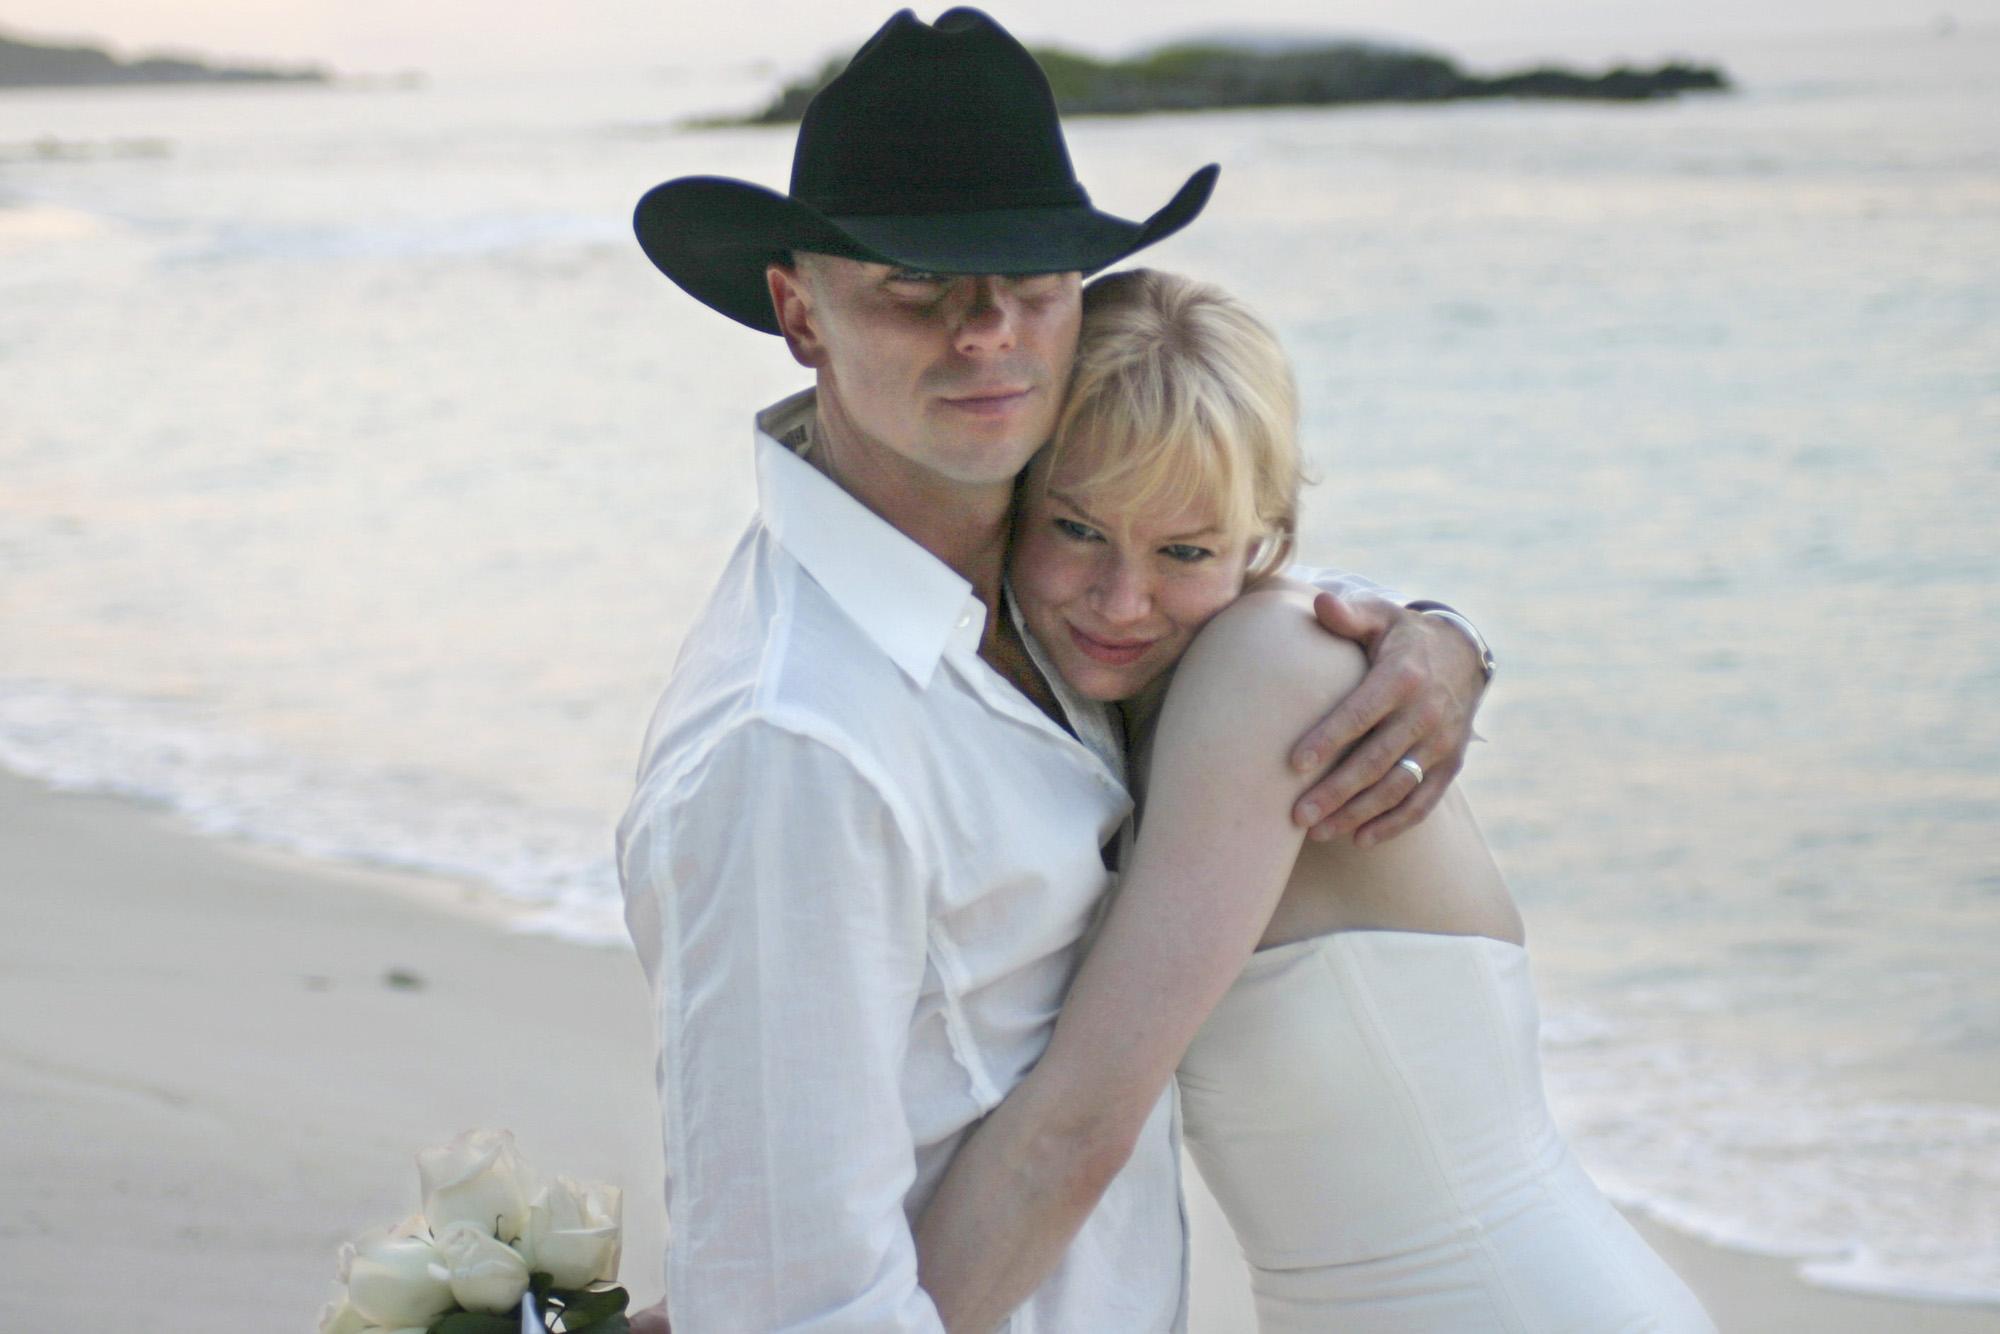 οι πιο σύντομοι γάμοι